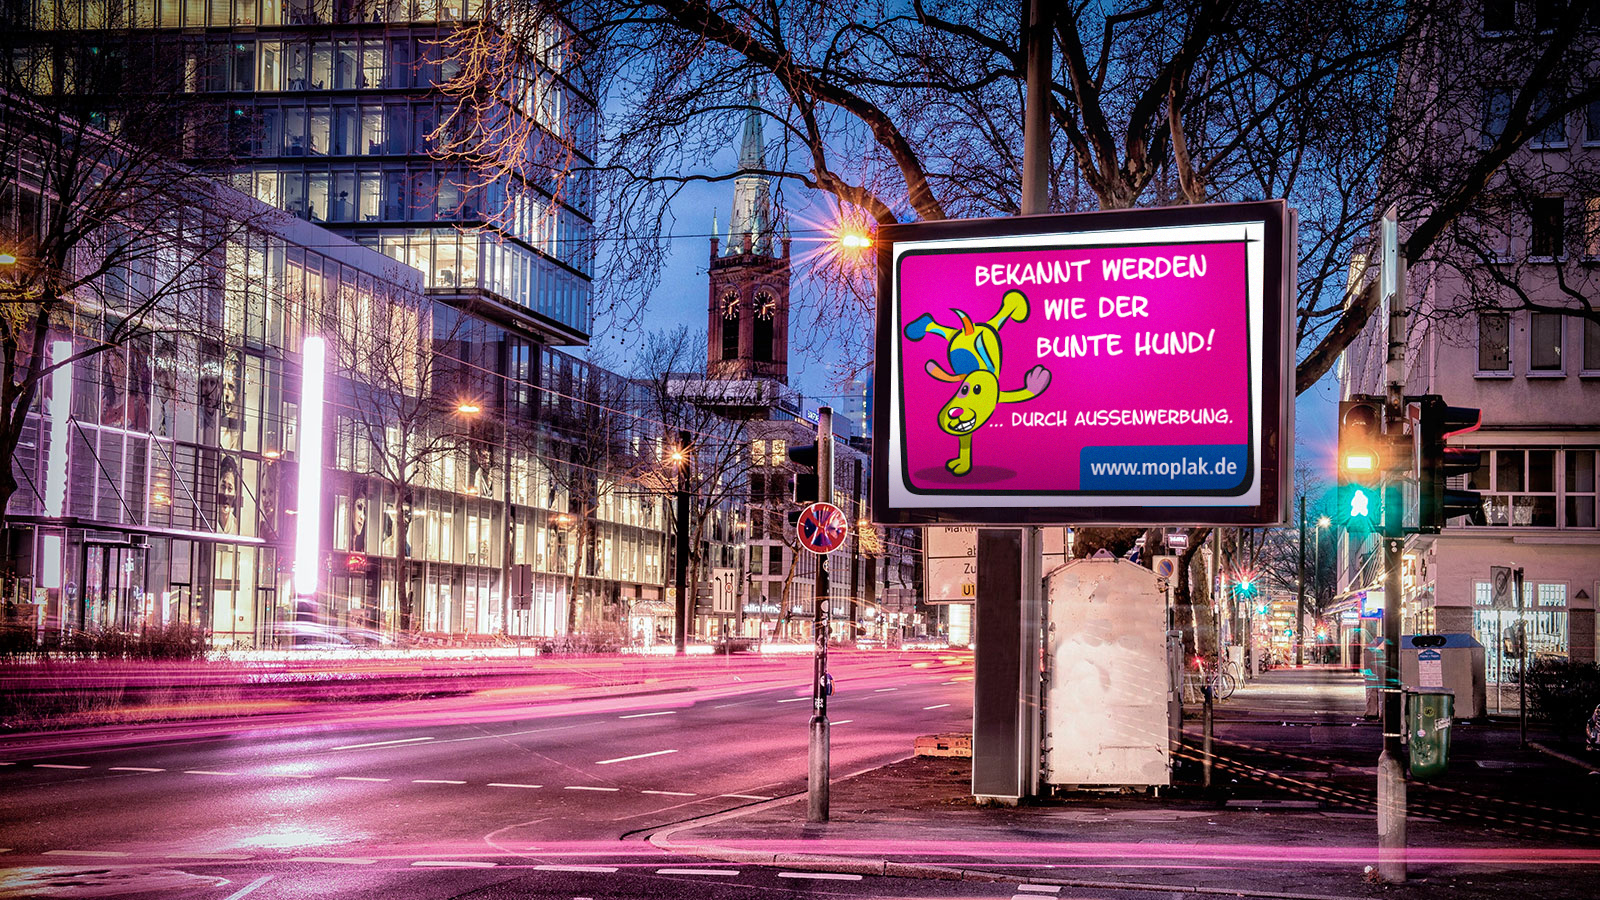 duisburg-aussenwerbung-plakatwand-plakat-werbung